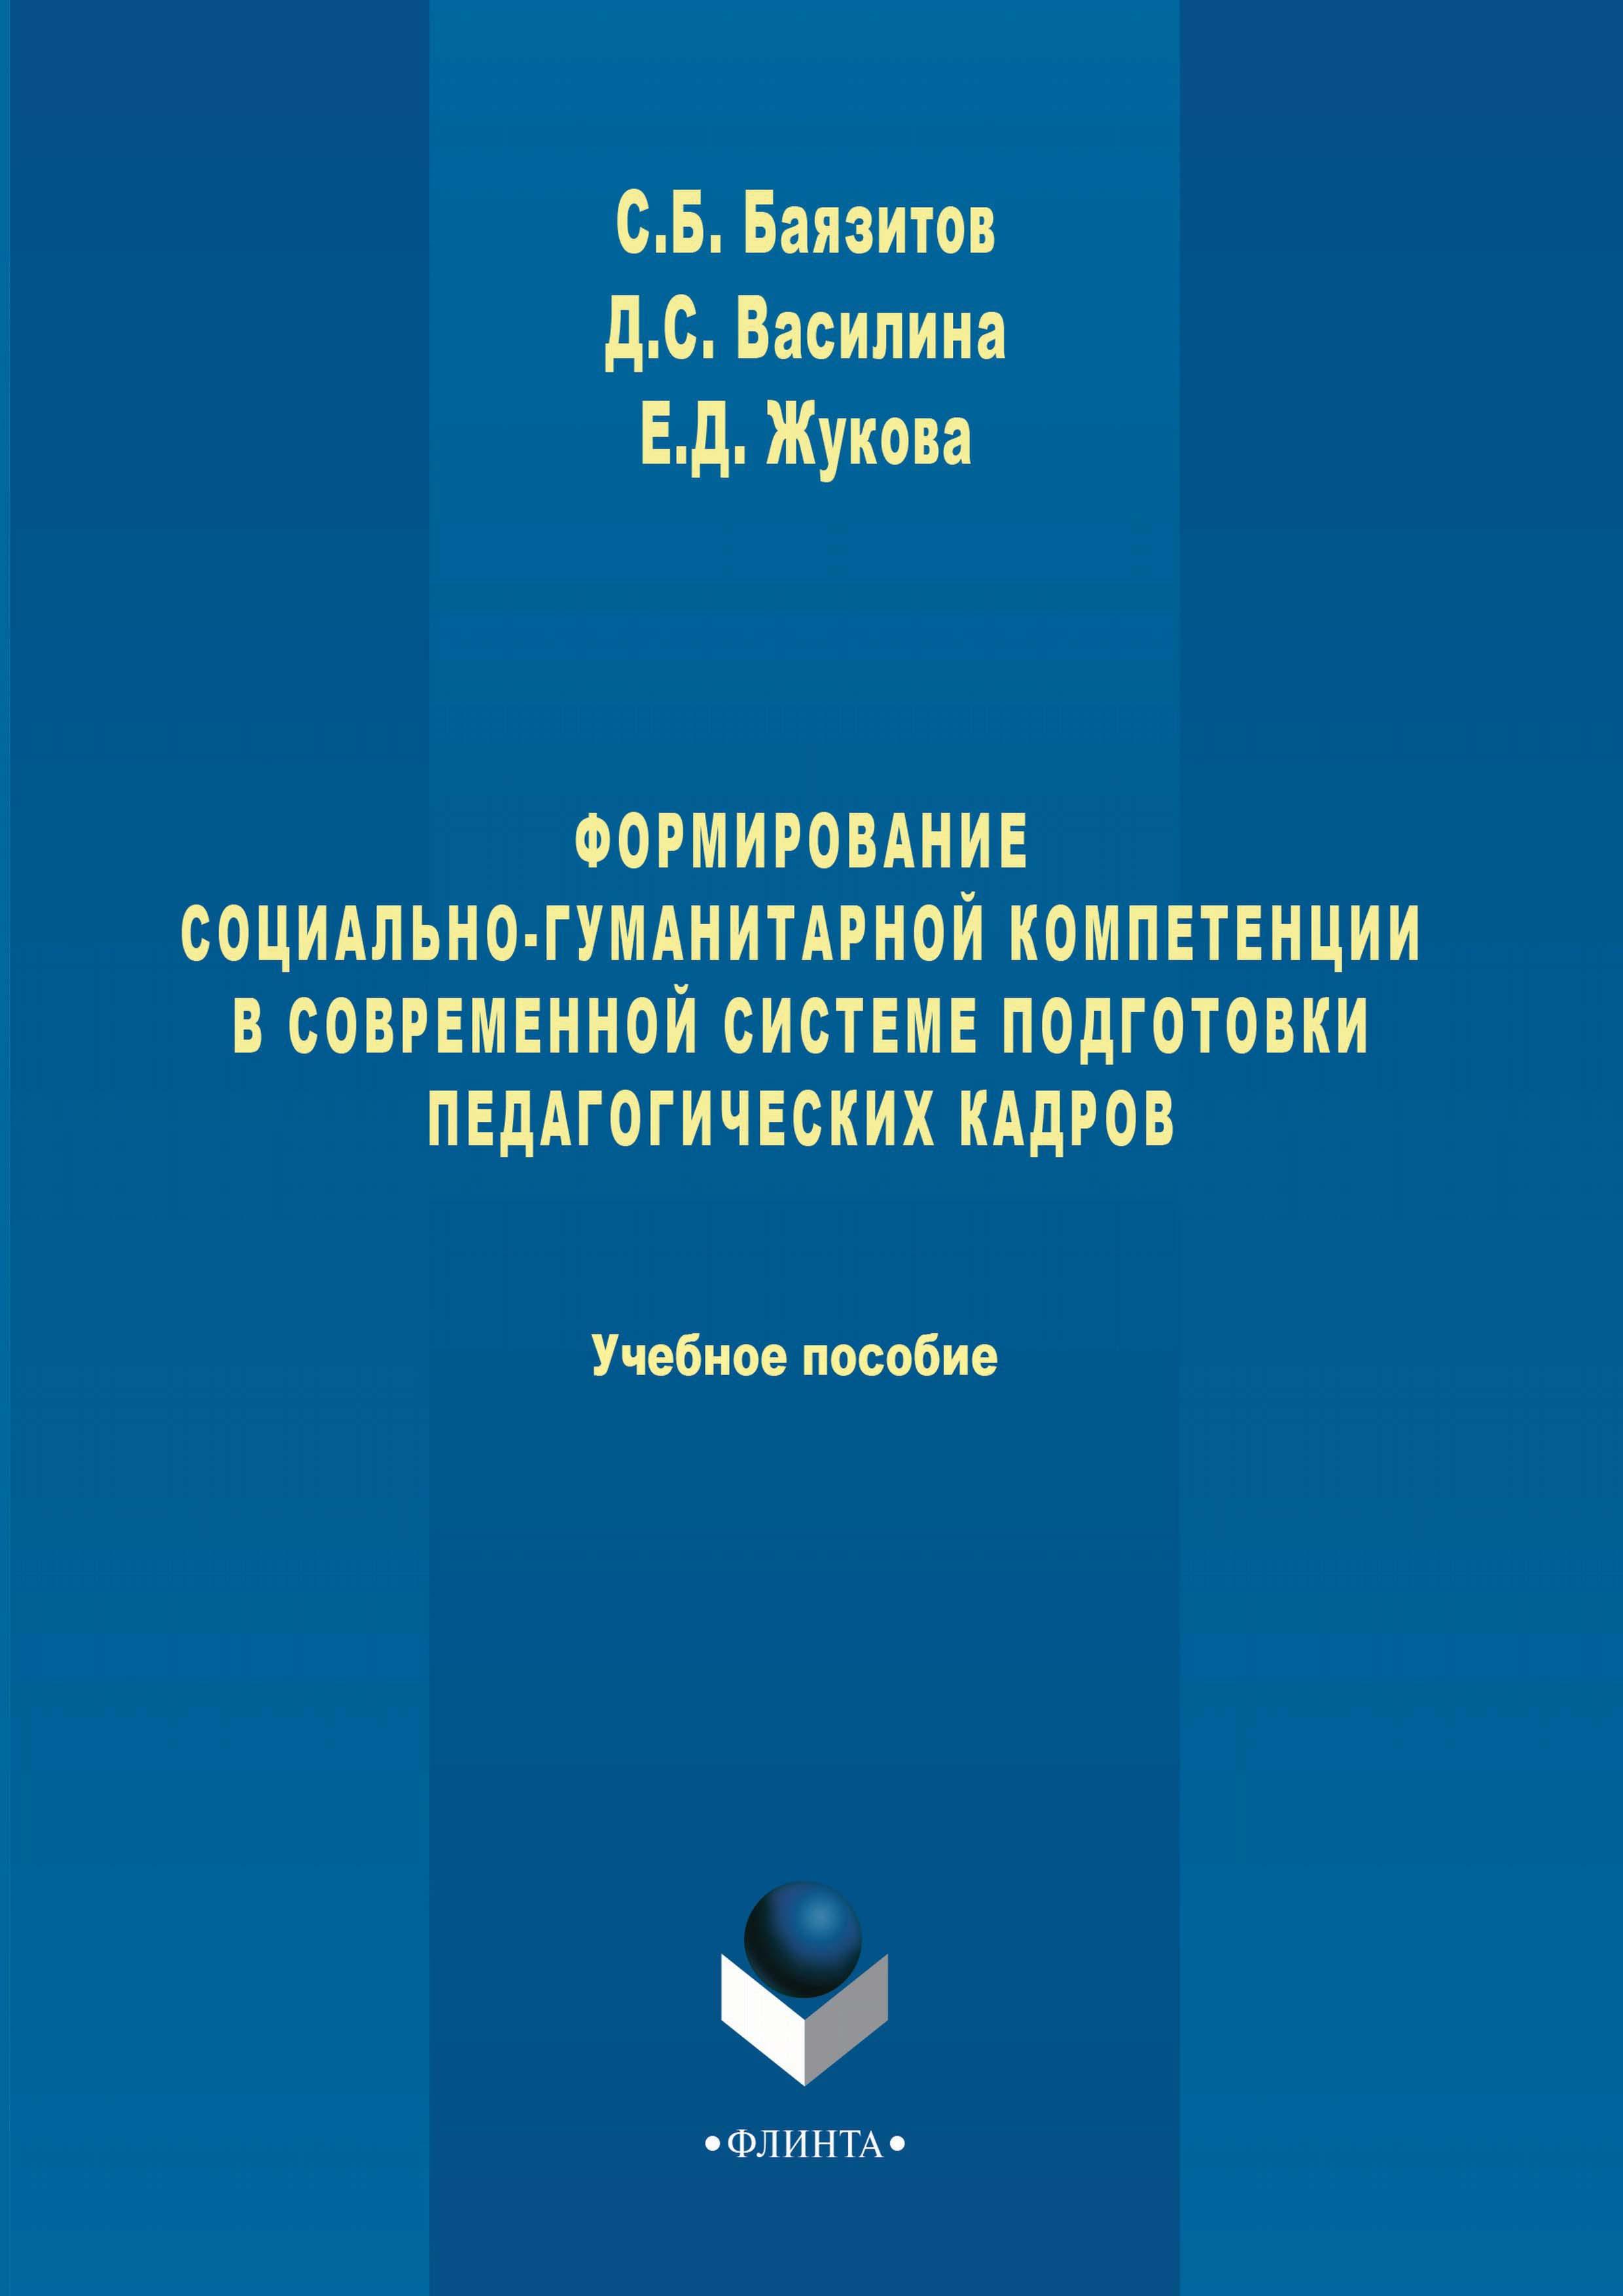 Формирование социально-гуманитарной компетенции в современной системе подготовки педагогических кадров ( Дарья Василина  )